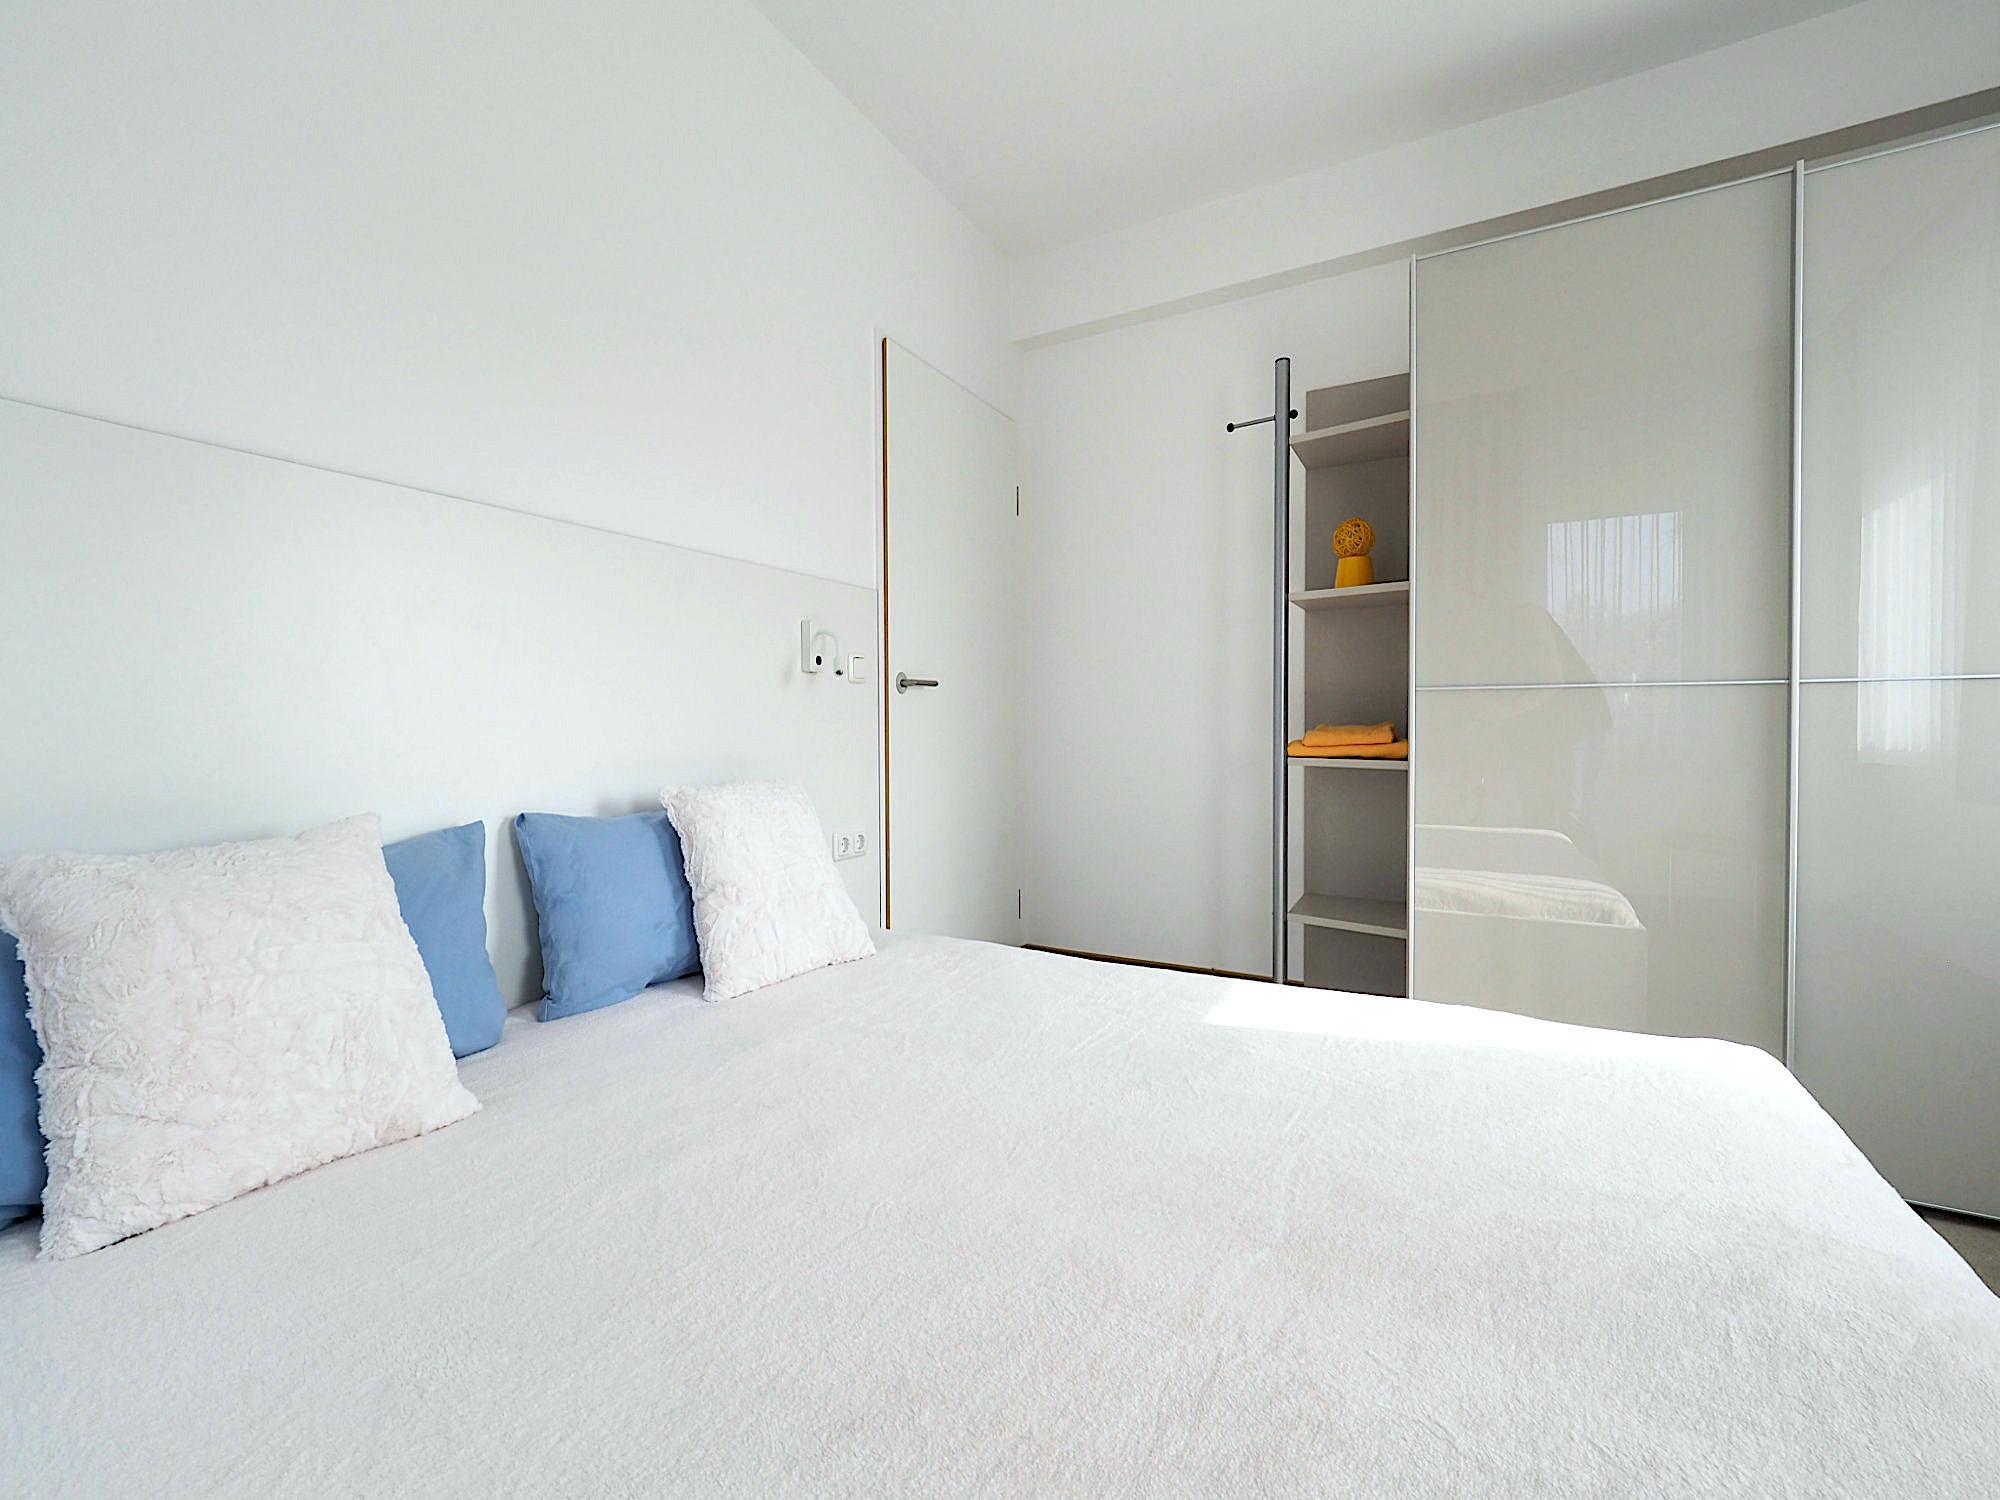 Zweites Schlafzimmer mit Doppelbett, rechts davon ein großer Kleiderschrank mit Schiebetüren und Regalteil